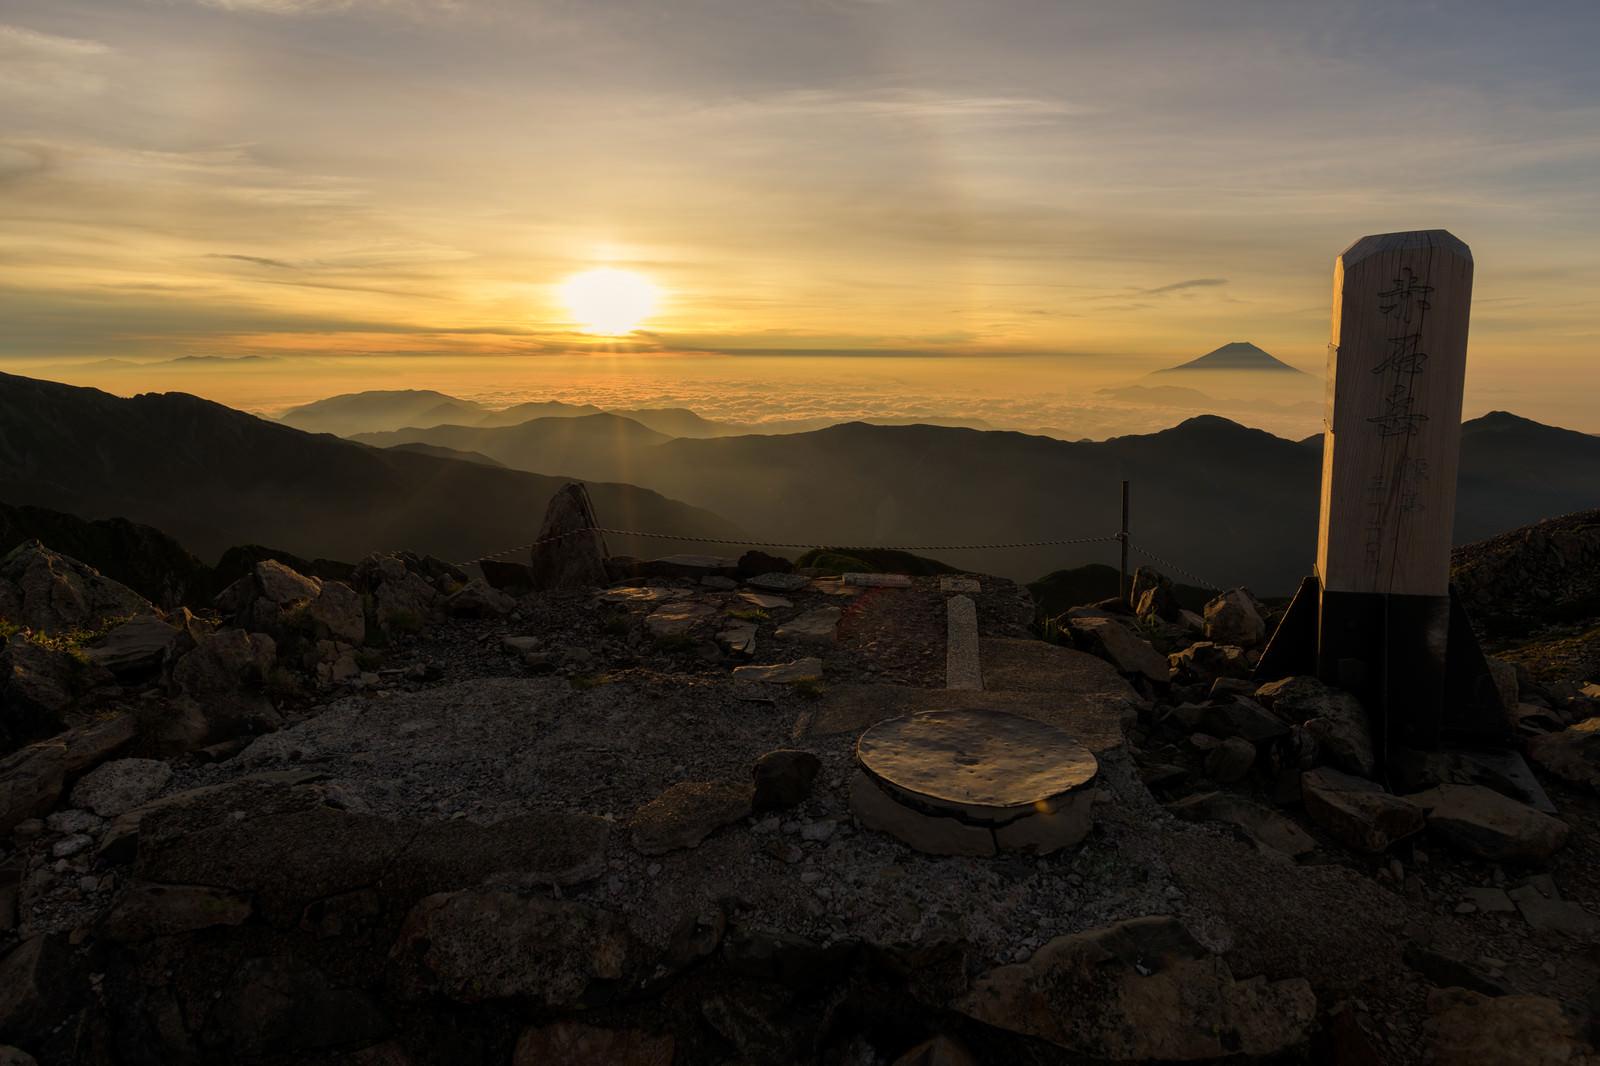 「朝日に照らされる赤石岳山頂碑(南アルプス)」の写真